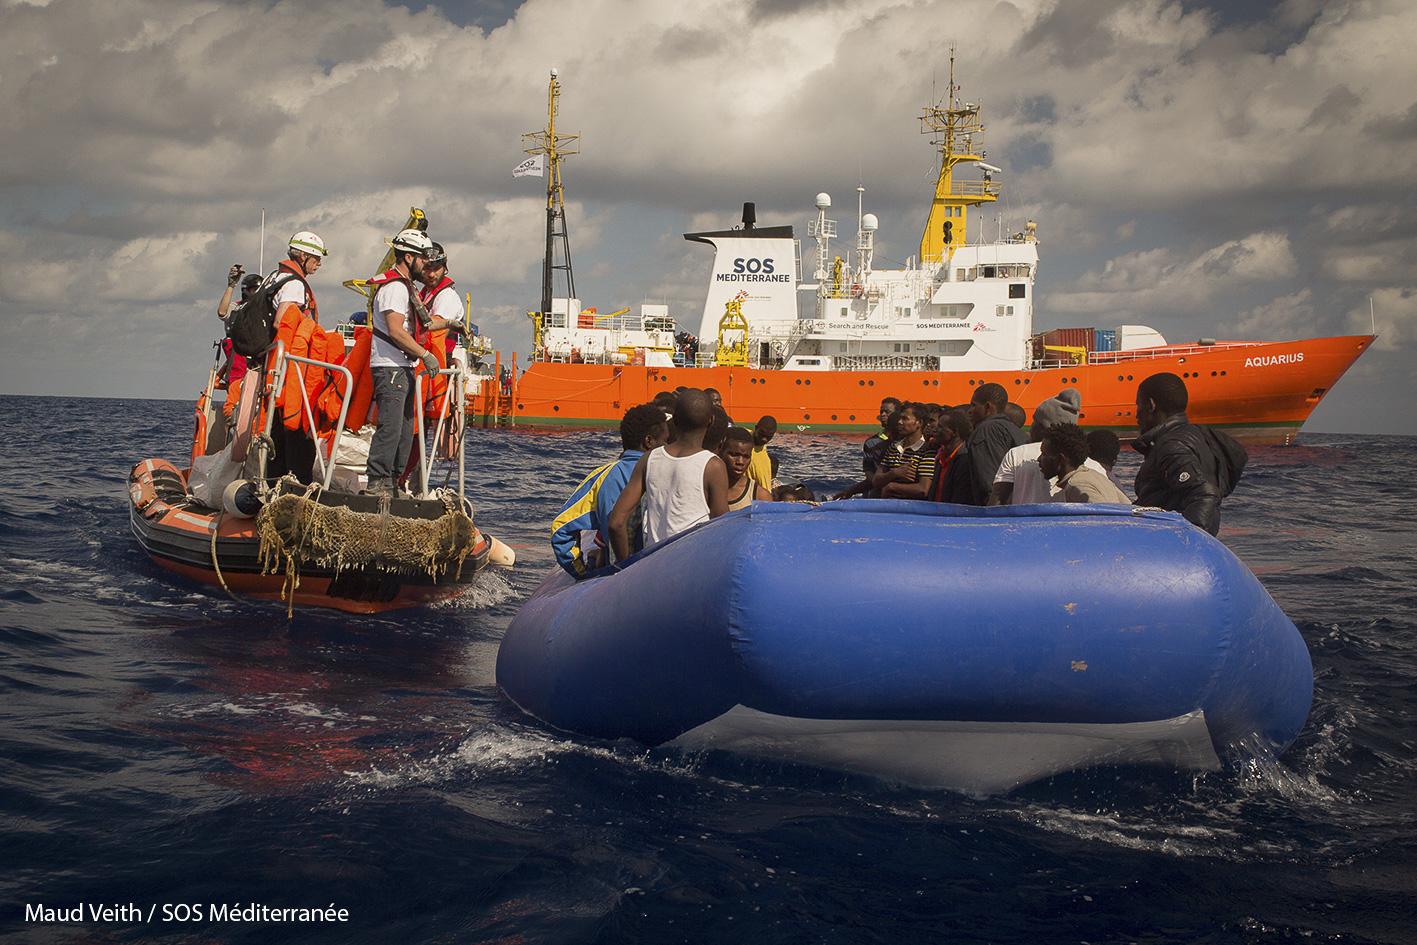 Le Panama révoque le pavillon de l'Aquarius sous la pression du gouvernement italien